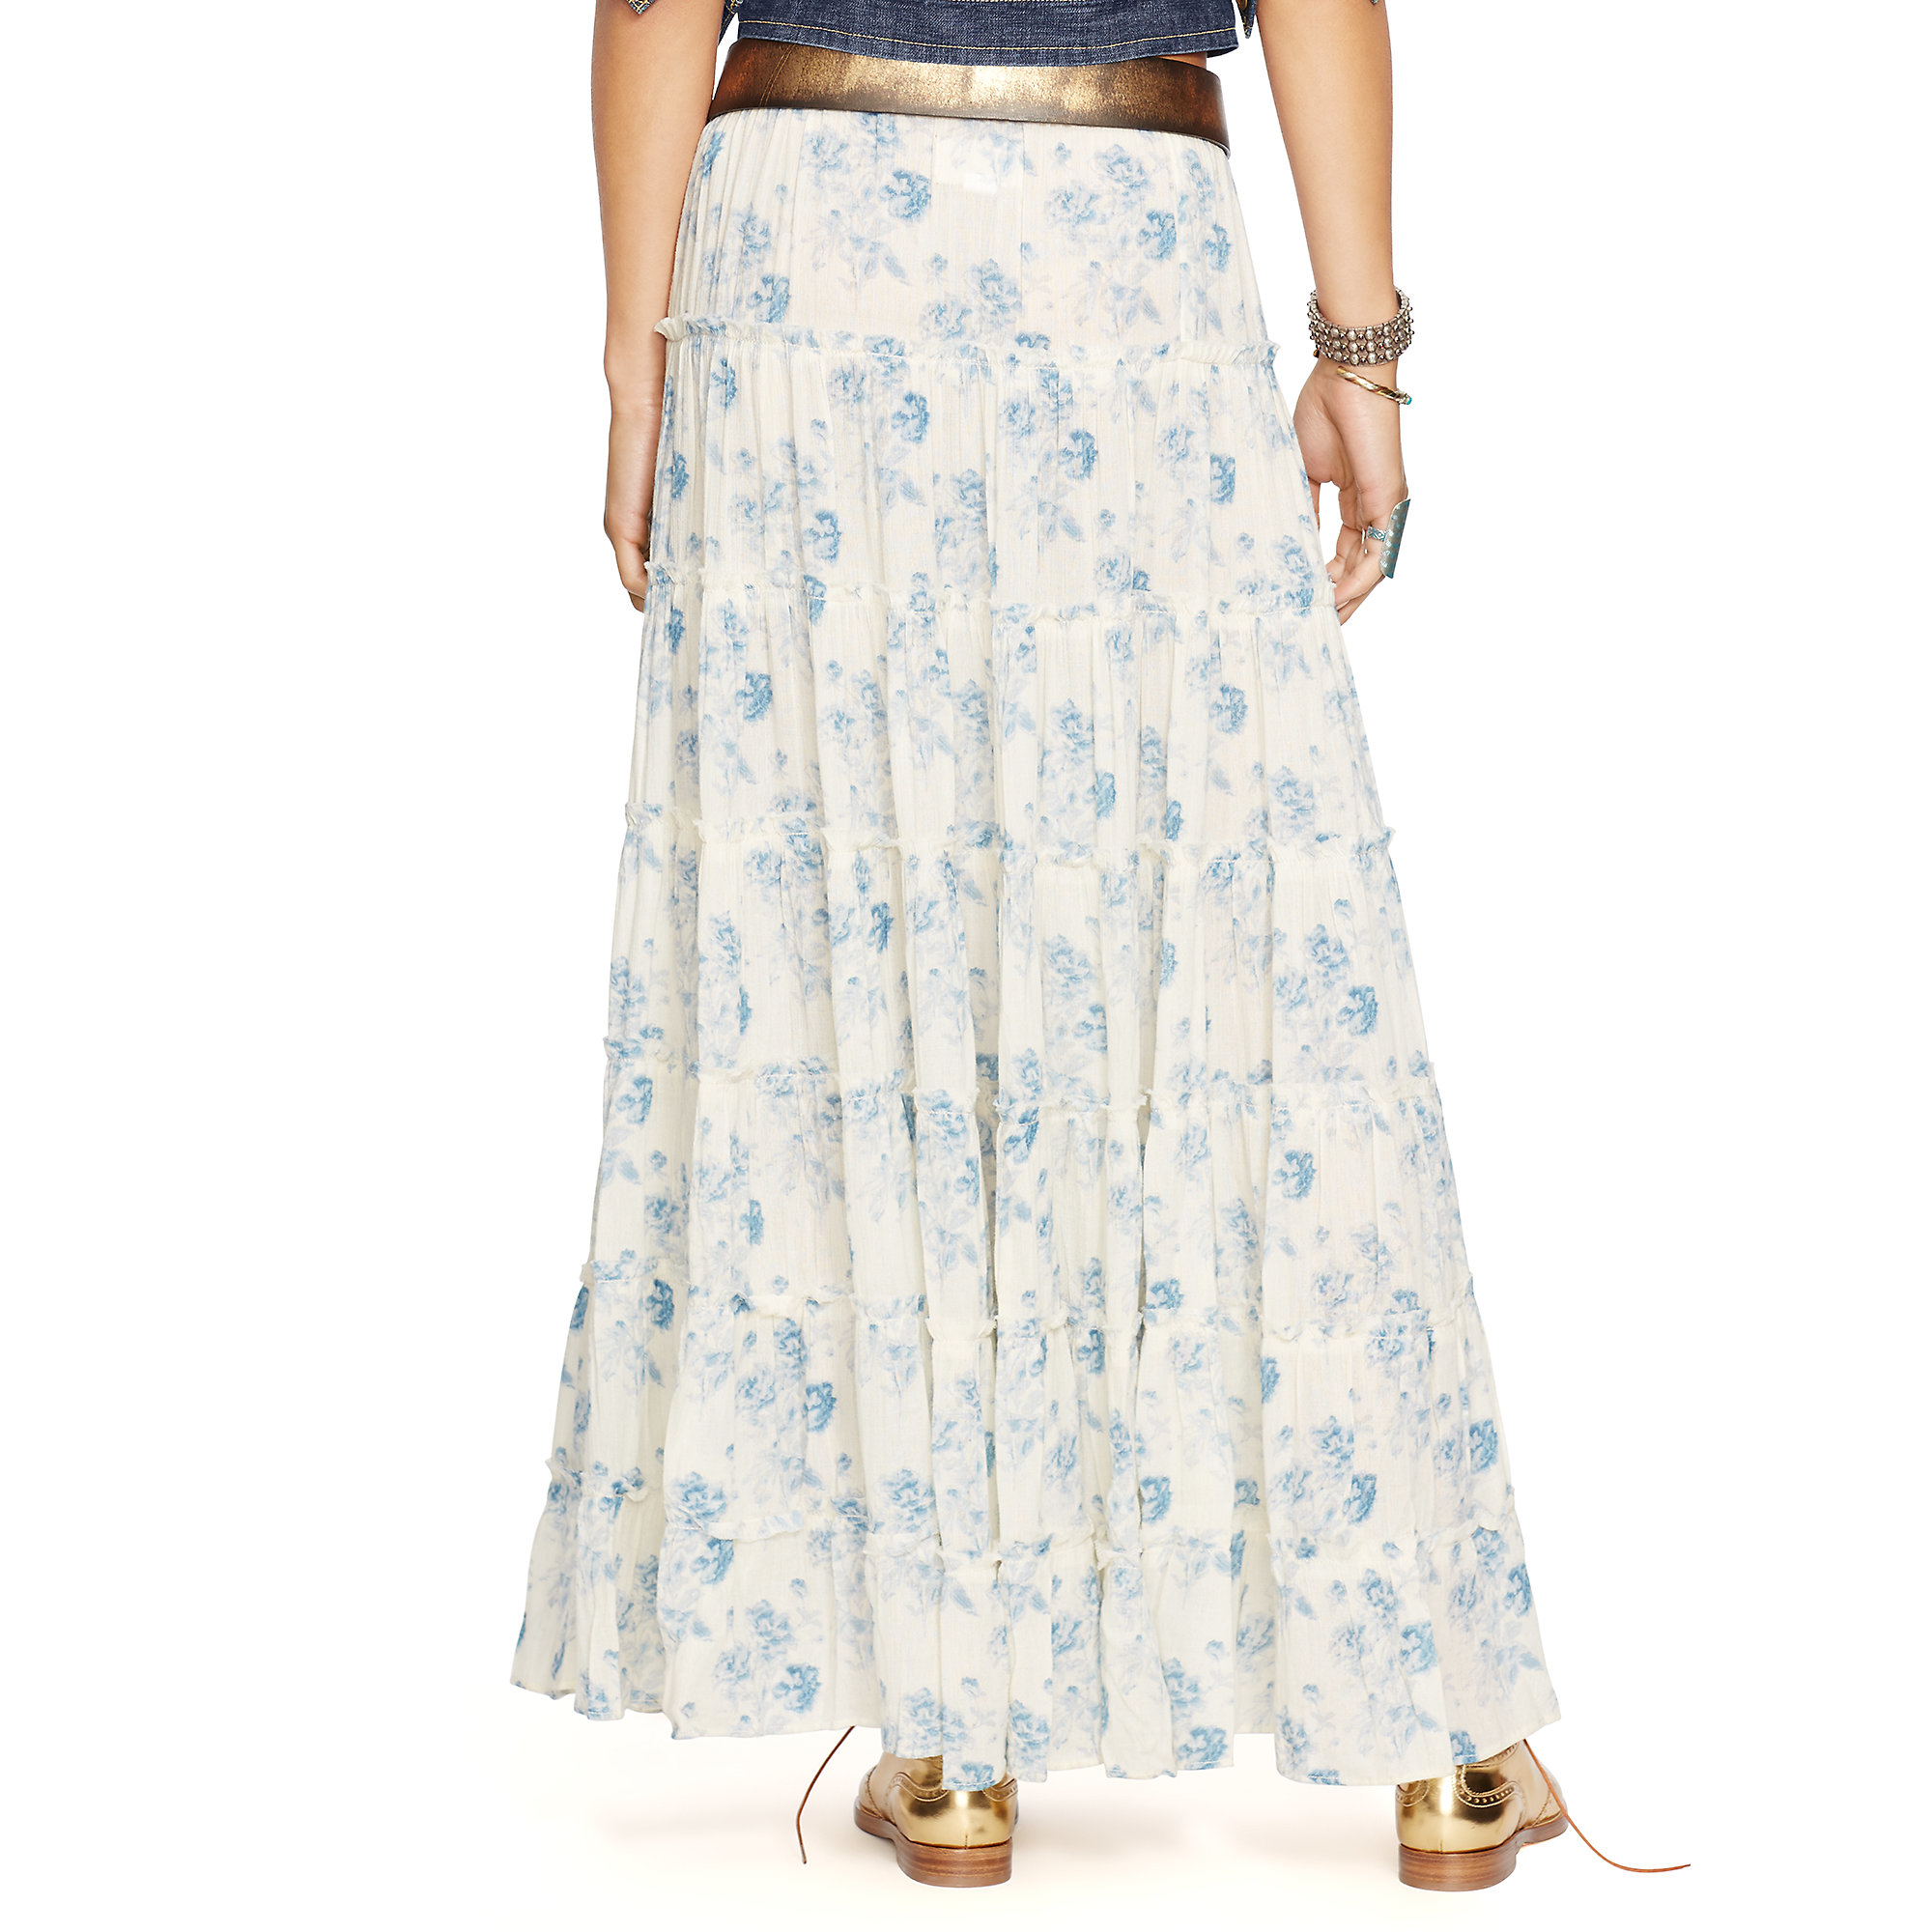 d7b6db9f9e Denim Supply Ralph Lauren Fl Print Tiered Maxiskirt In Blue Lyst